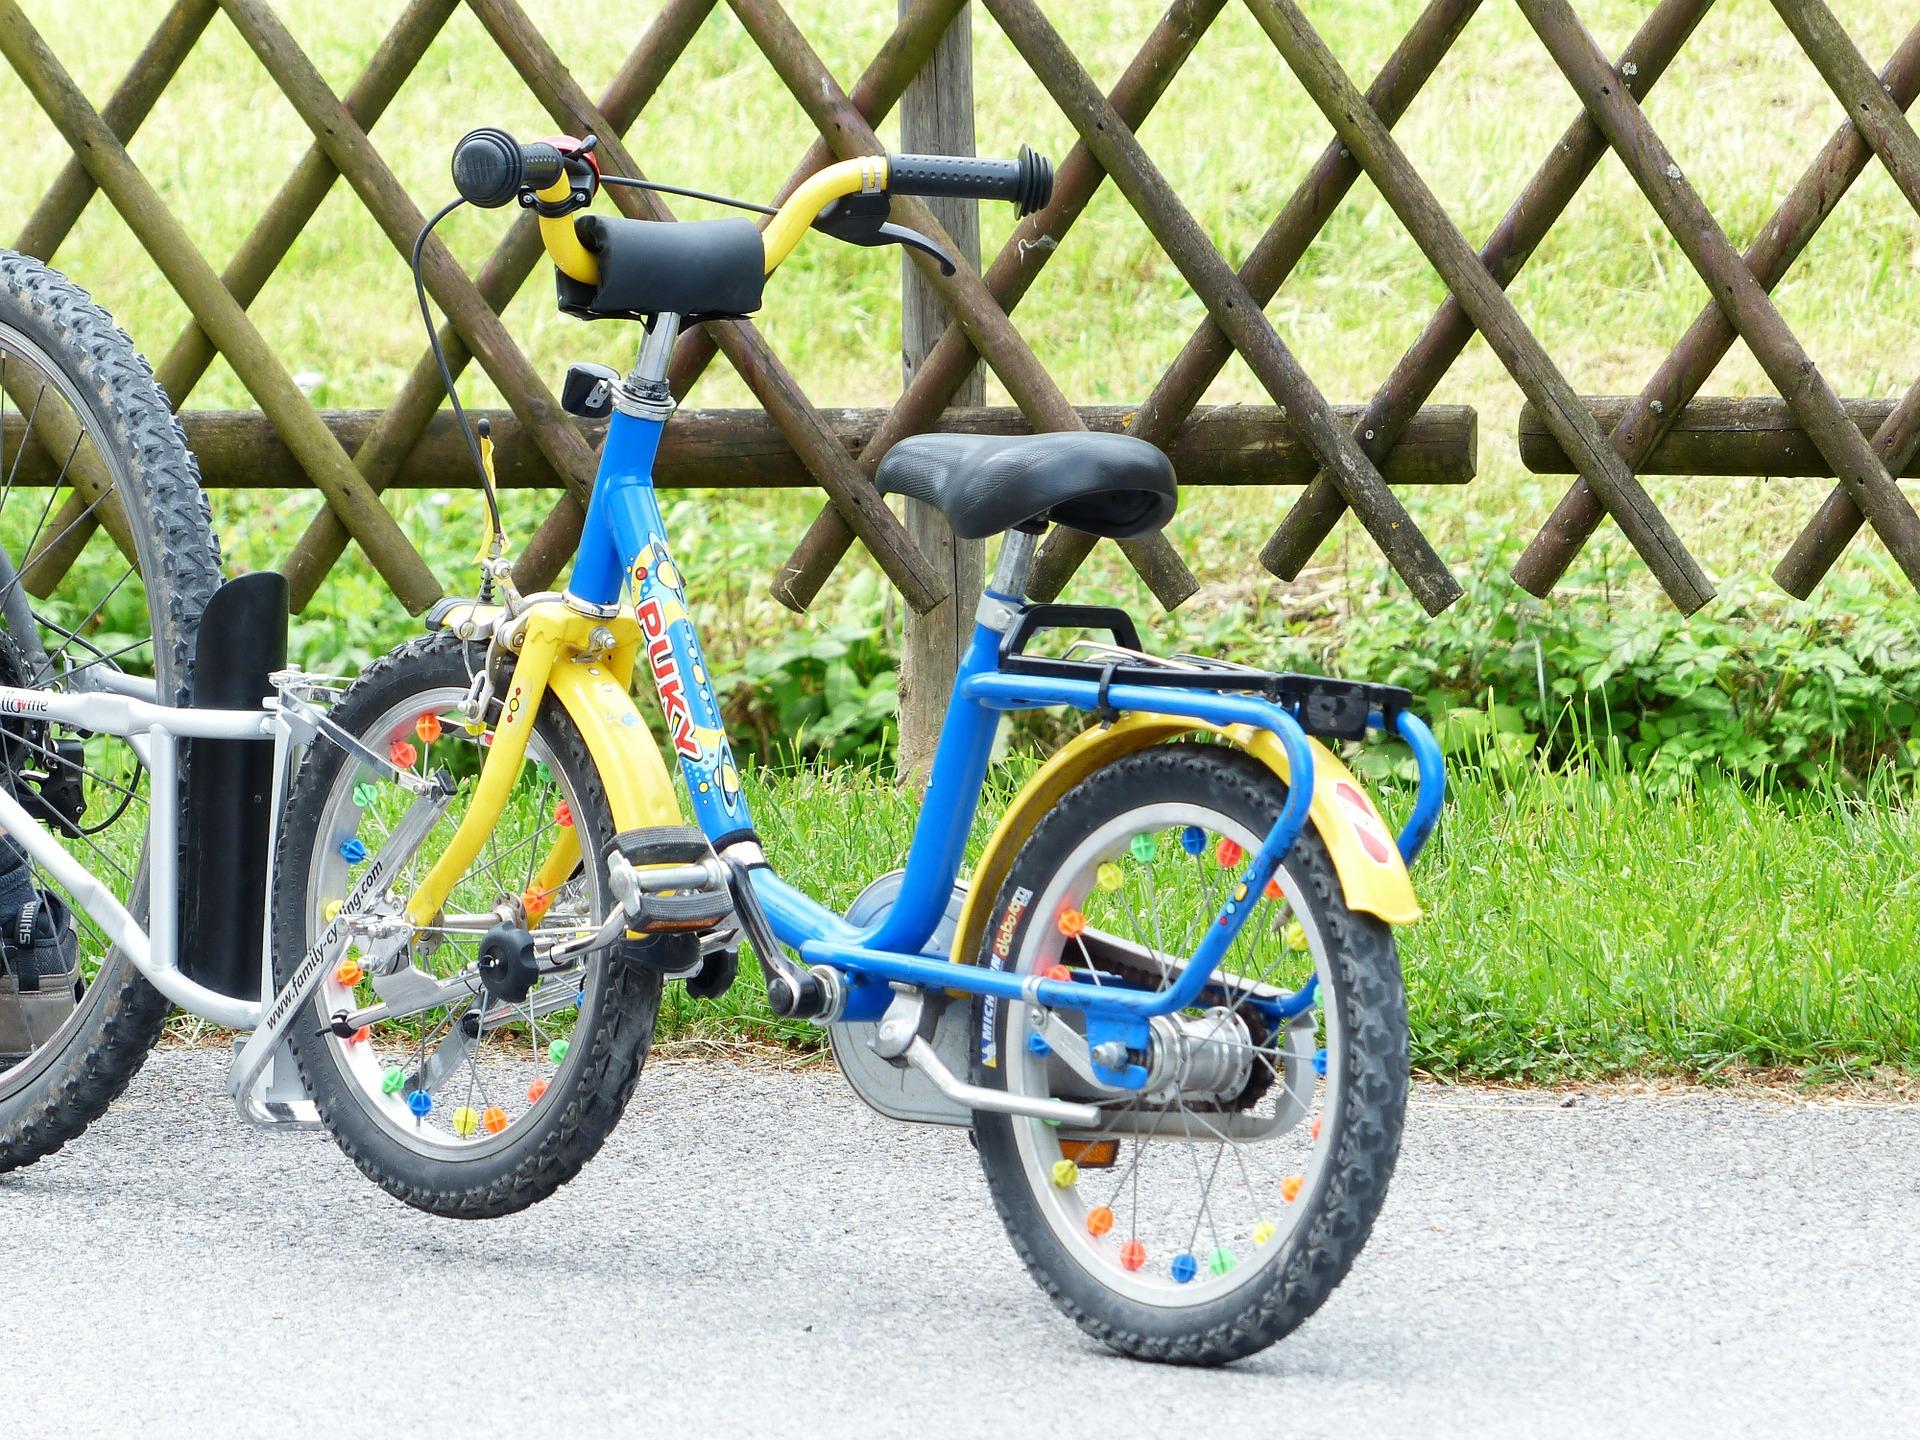 bike-117440_1920